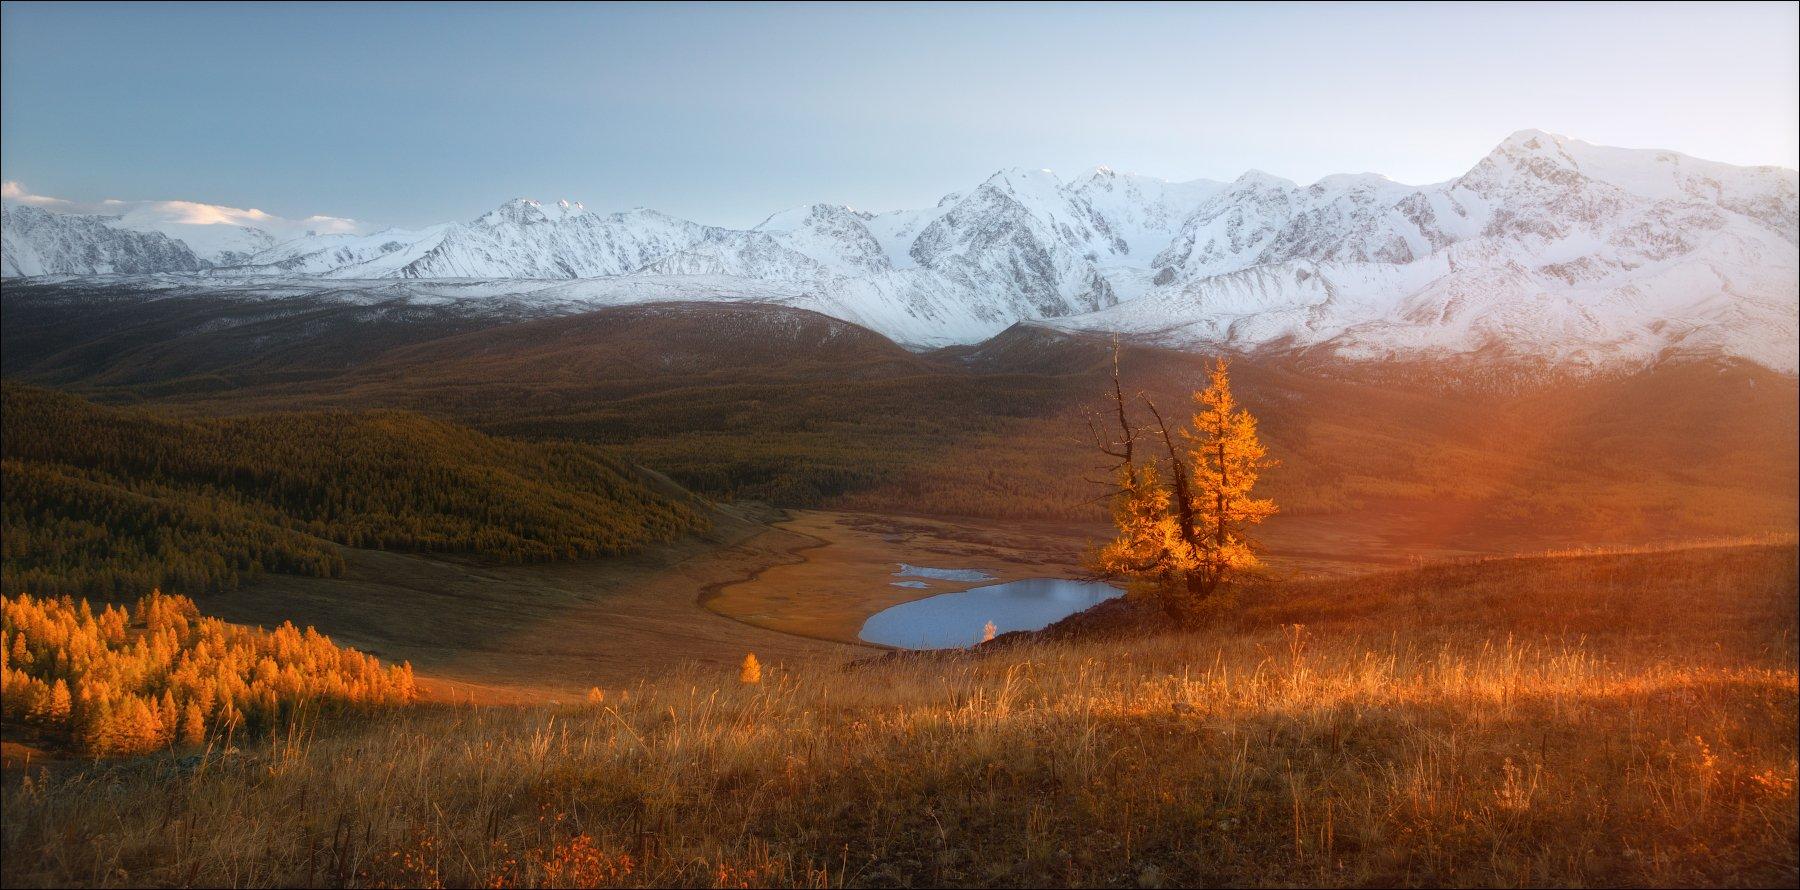 алтай, джангысколь, ештыколь, золото, осень, горы, северо-чуйский хребет, монголия, беркутчи, осень, фототур,, Влад Соколовский